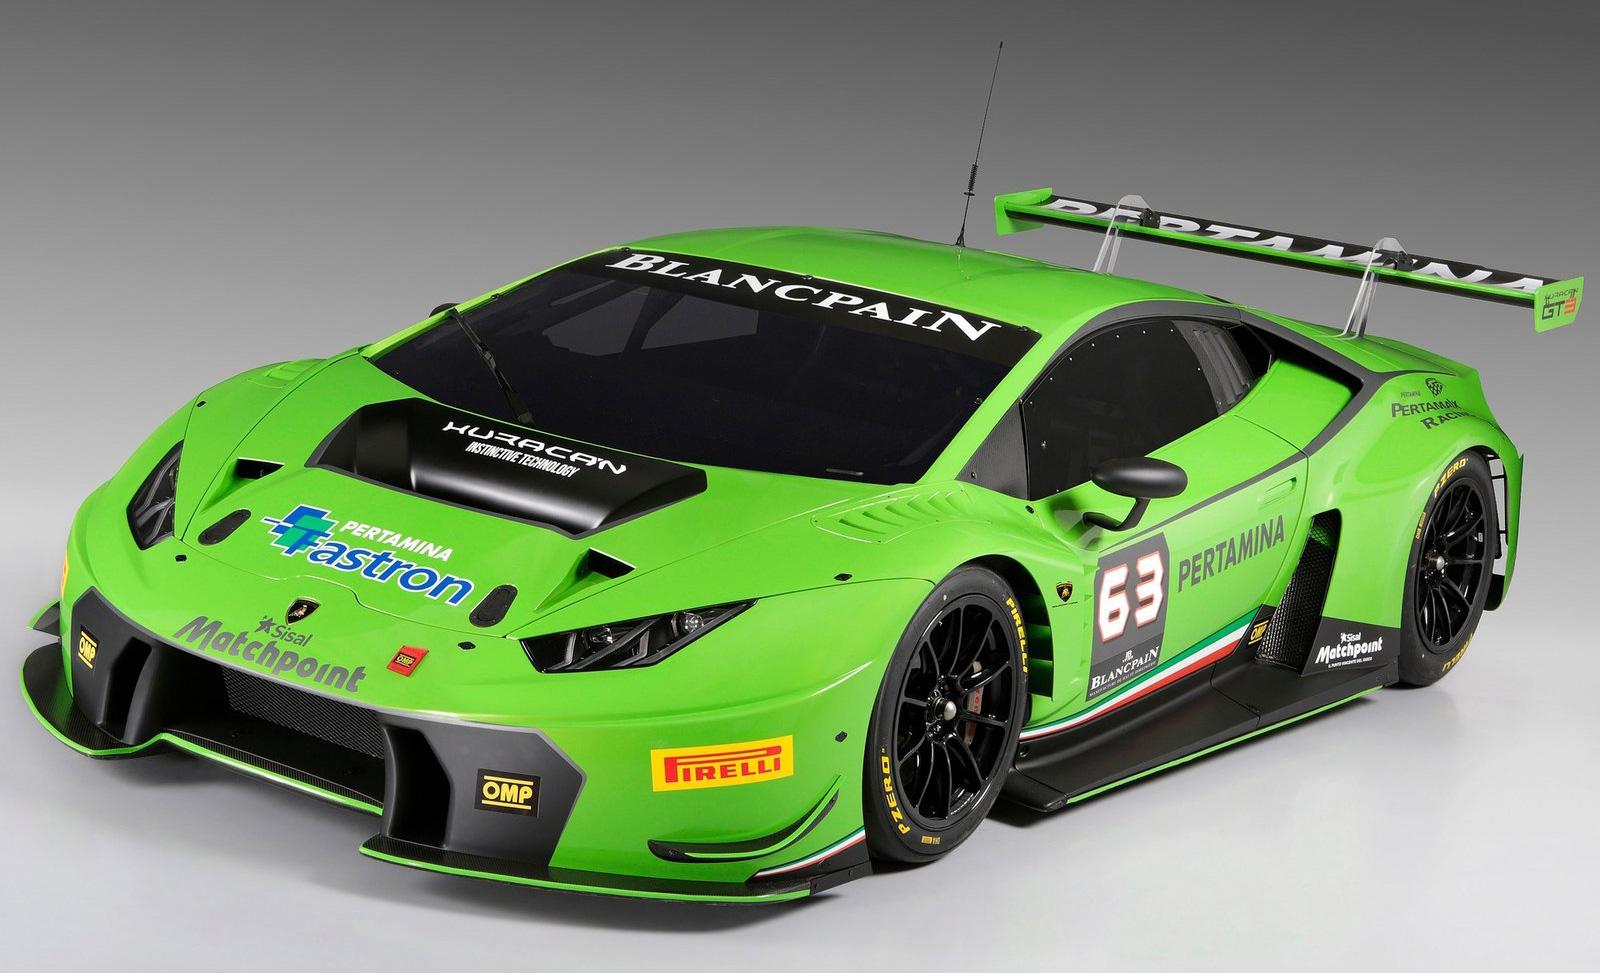 Lamborghini-Huracan_GT3_Racecar_2015_1600x1200_wallpaper_01